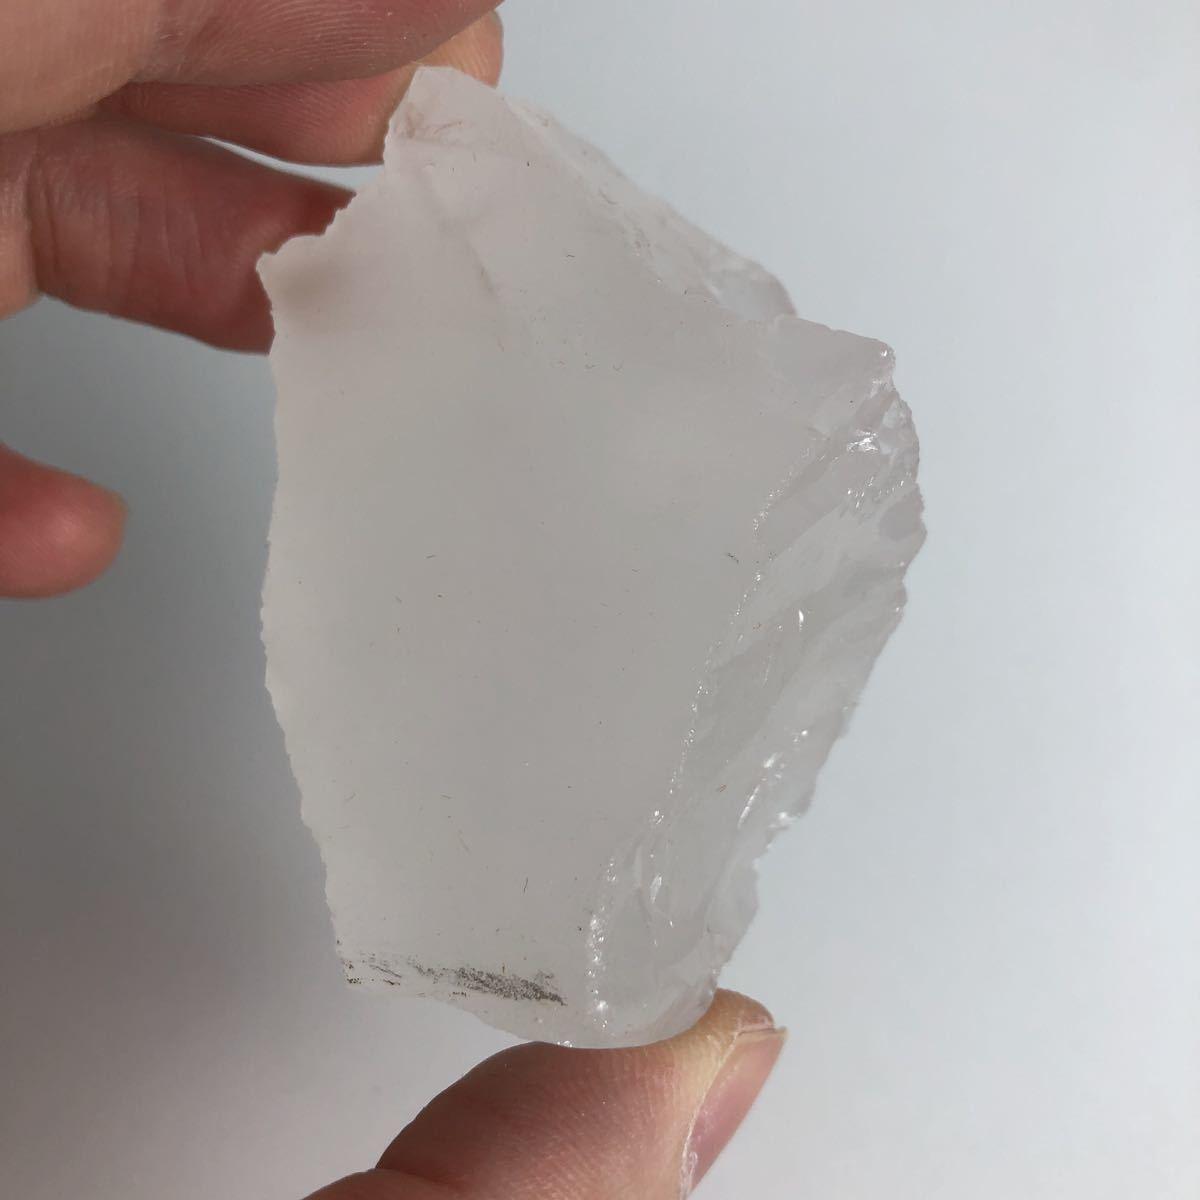 NO:4743 メタモルフォーシス 水晶 ミルキークォーツ ジラソルクォーツ ミルキー ジラソル クォーツ 天然石 原石 パワーストーン 鉱物_画像6